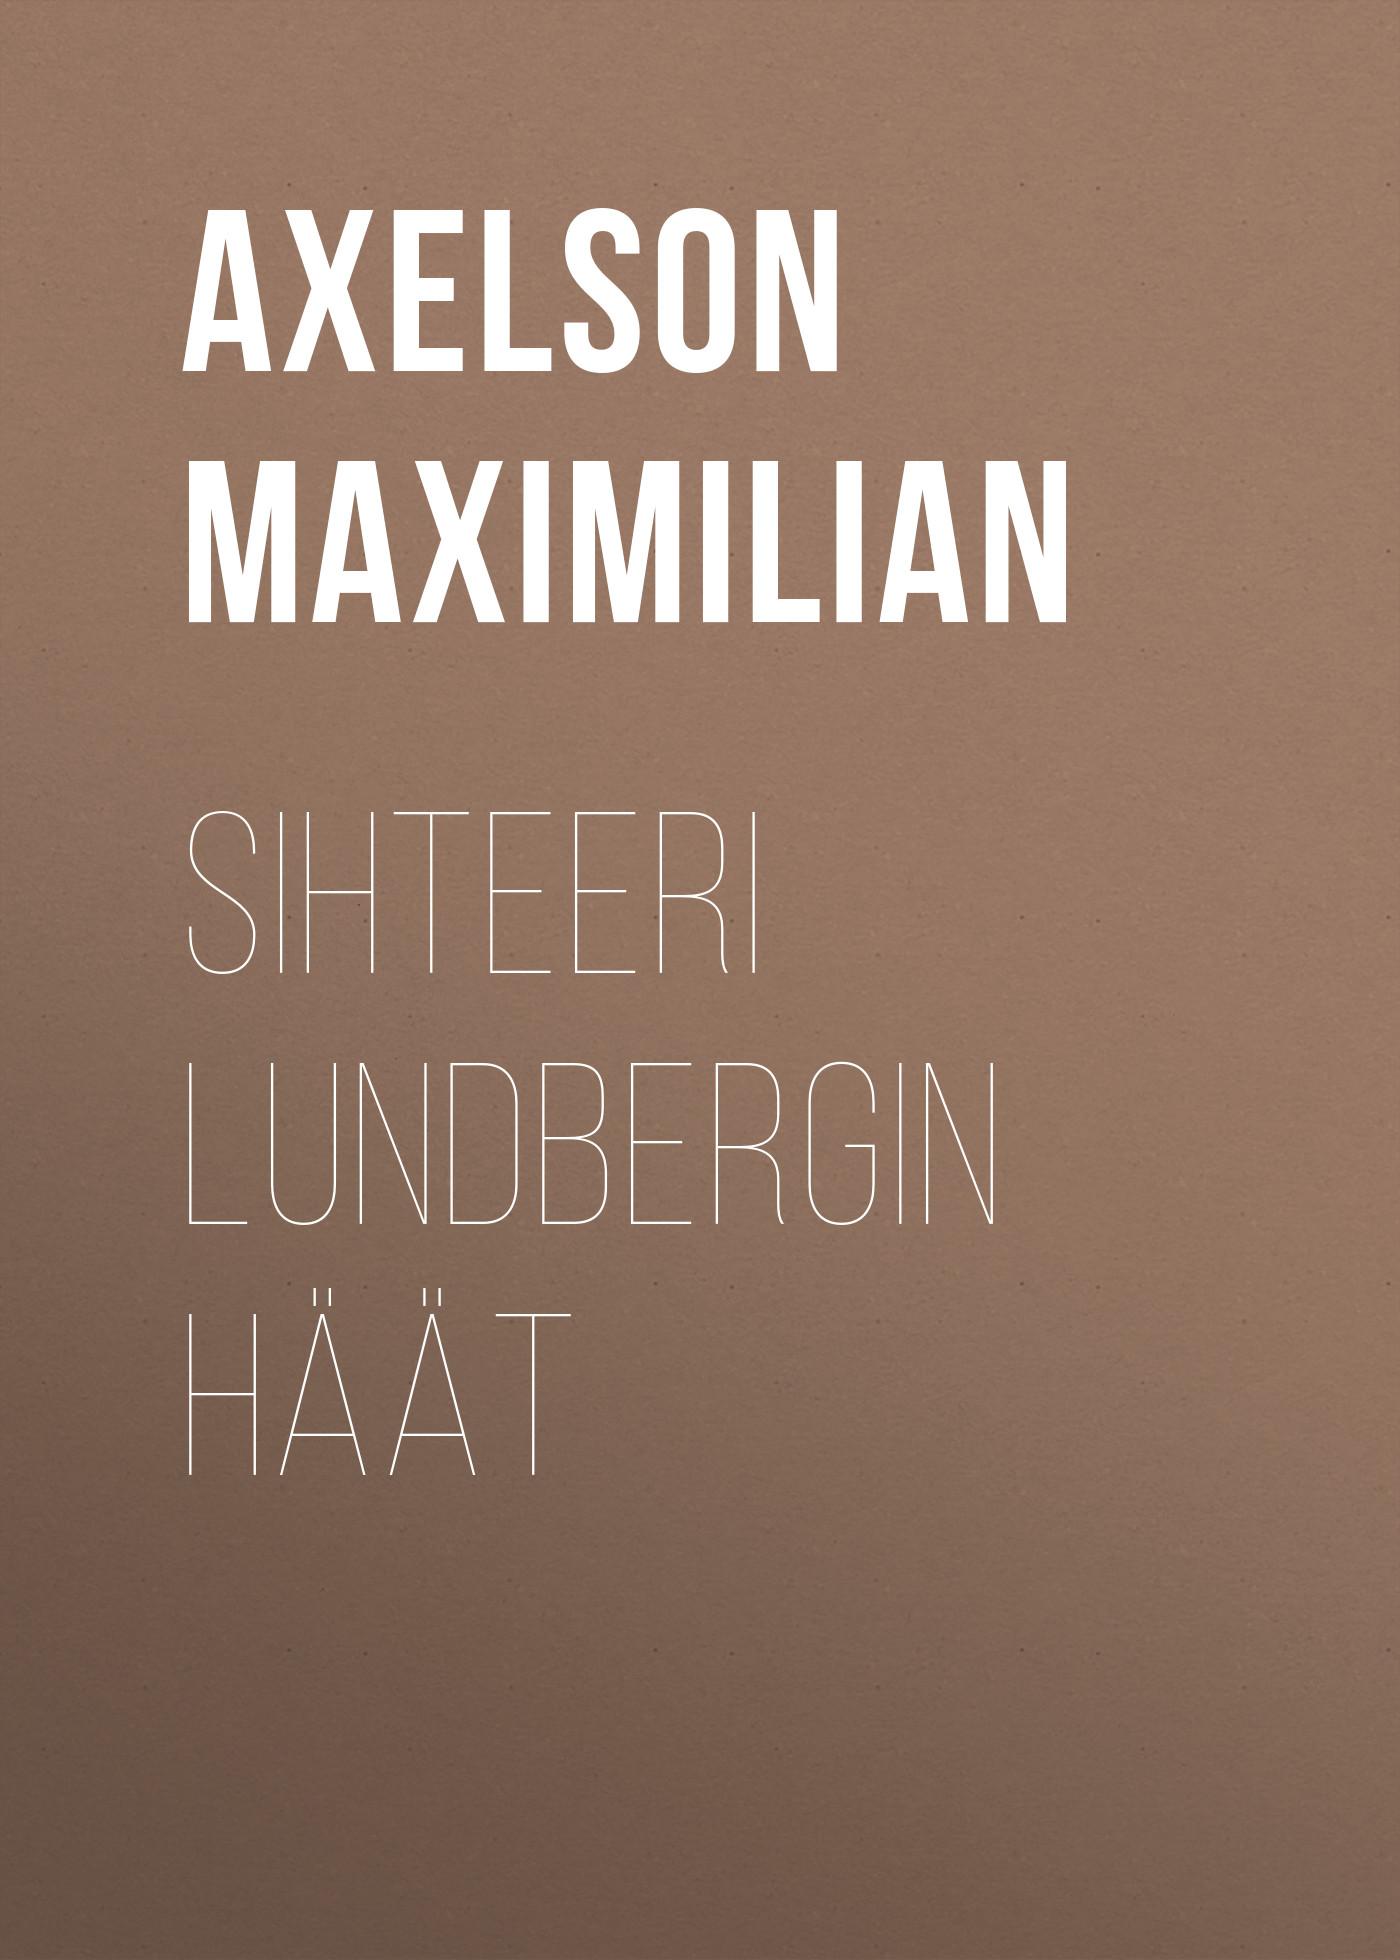 Axelson Maximilian Sihteeri Lundbergin häät walter m axelson putkilokasvio pielisen ja hoytiaisen valisella kannaksella finnish edition